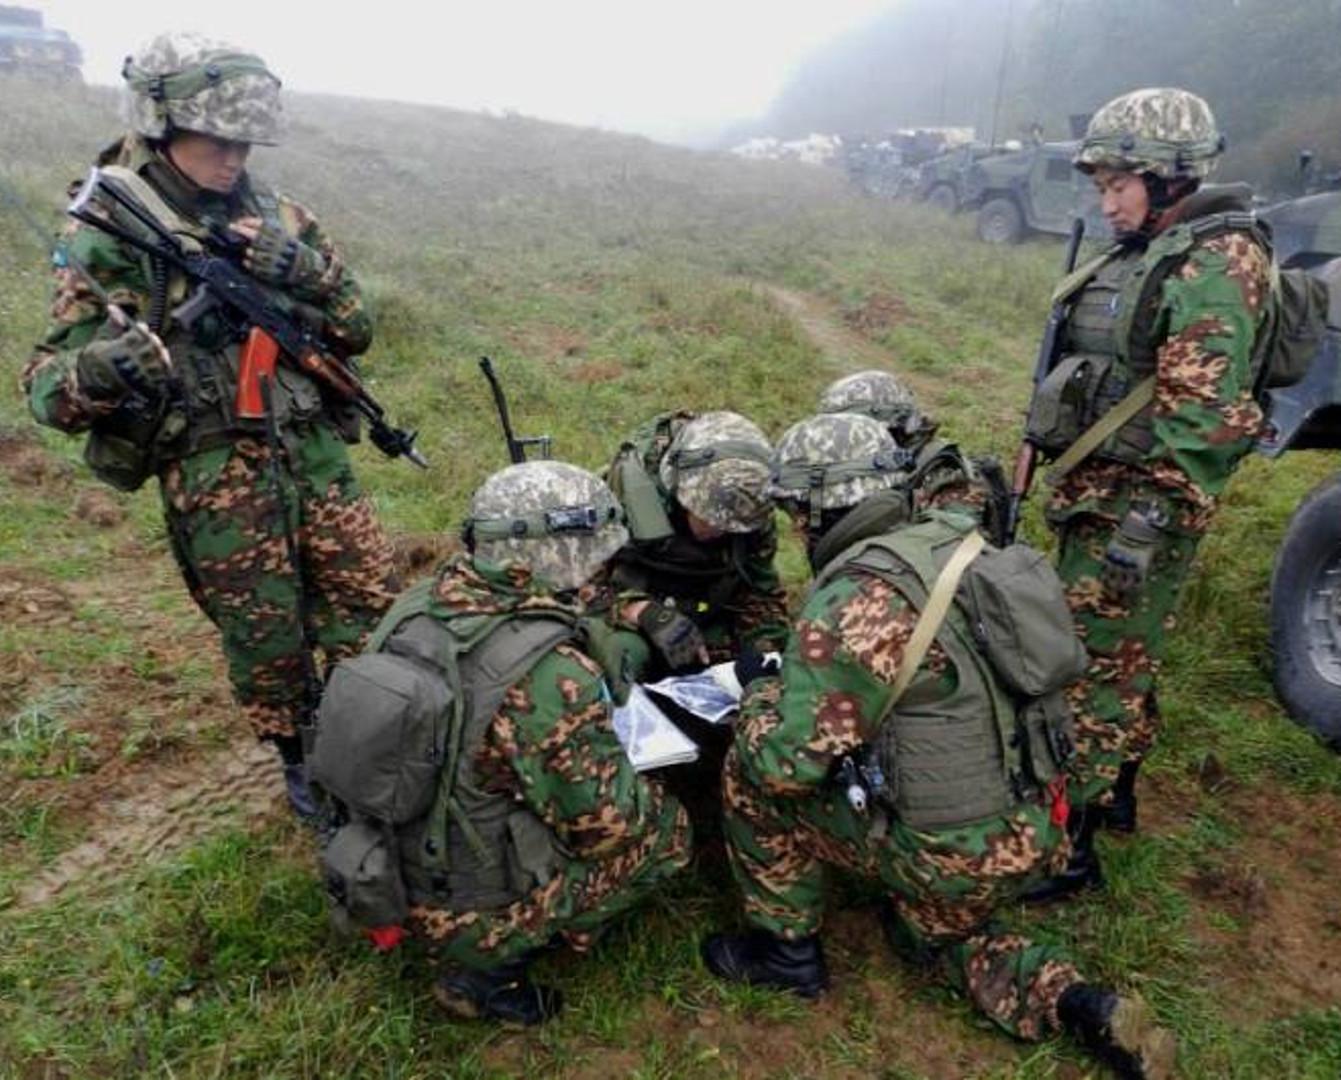 В воинских частях планируют создать роты для помощи при ЧС